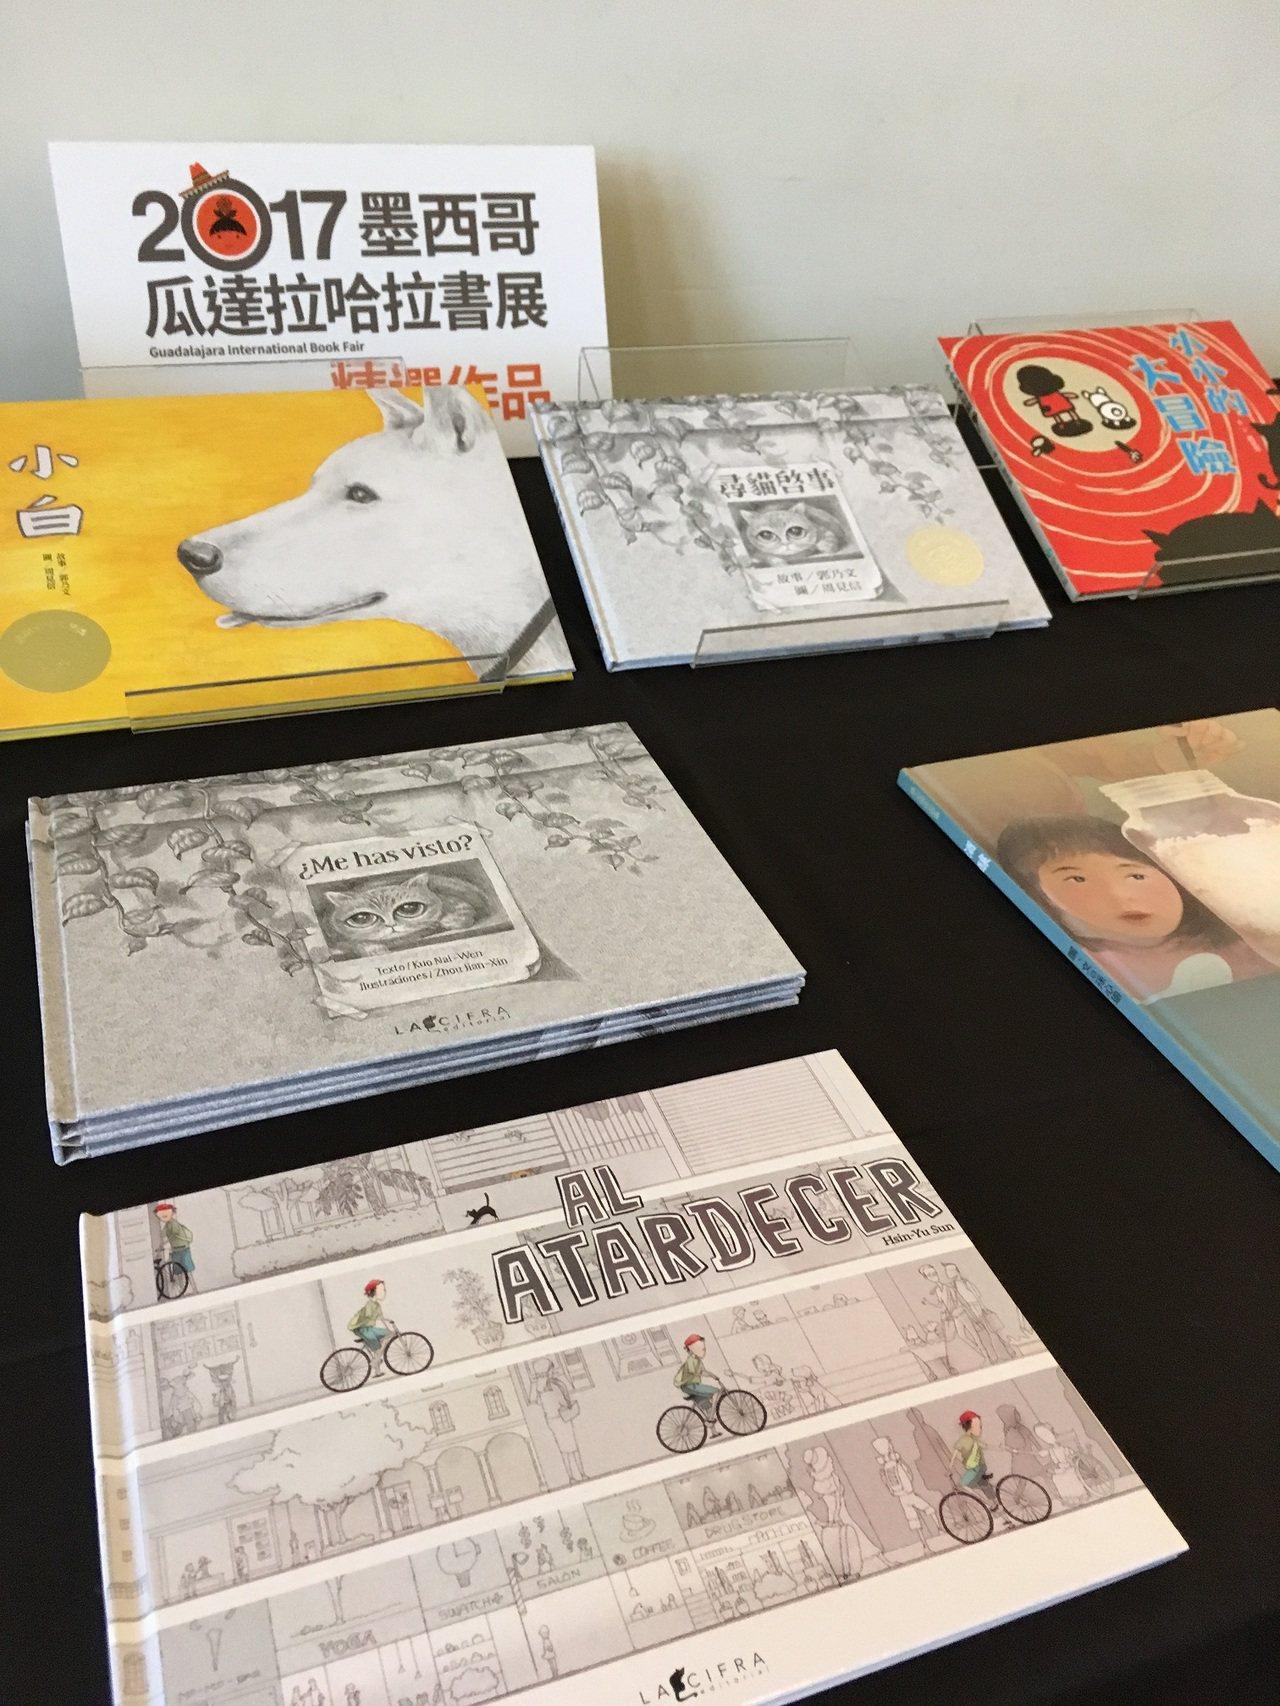 周見信繪本作品,其中與郭乃文合作的《尋貓啟事》已售出墨西哥西語版權。圖/文化部提...